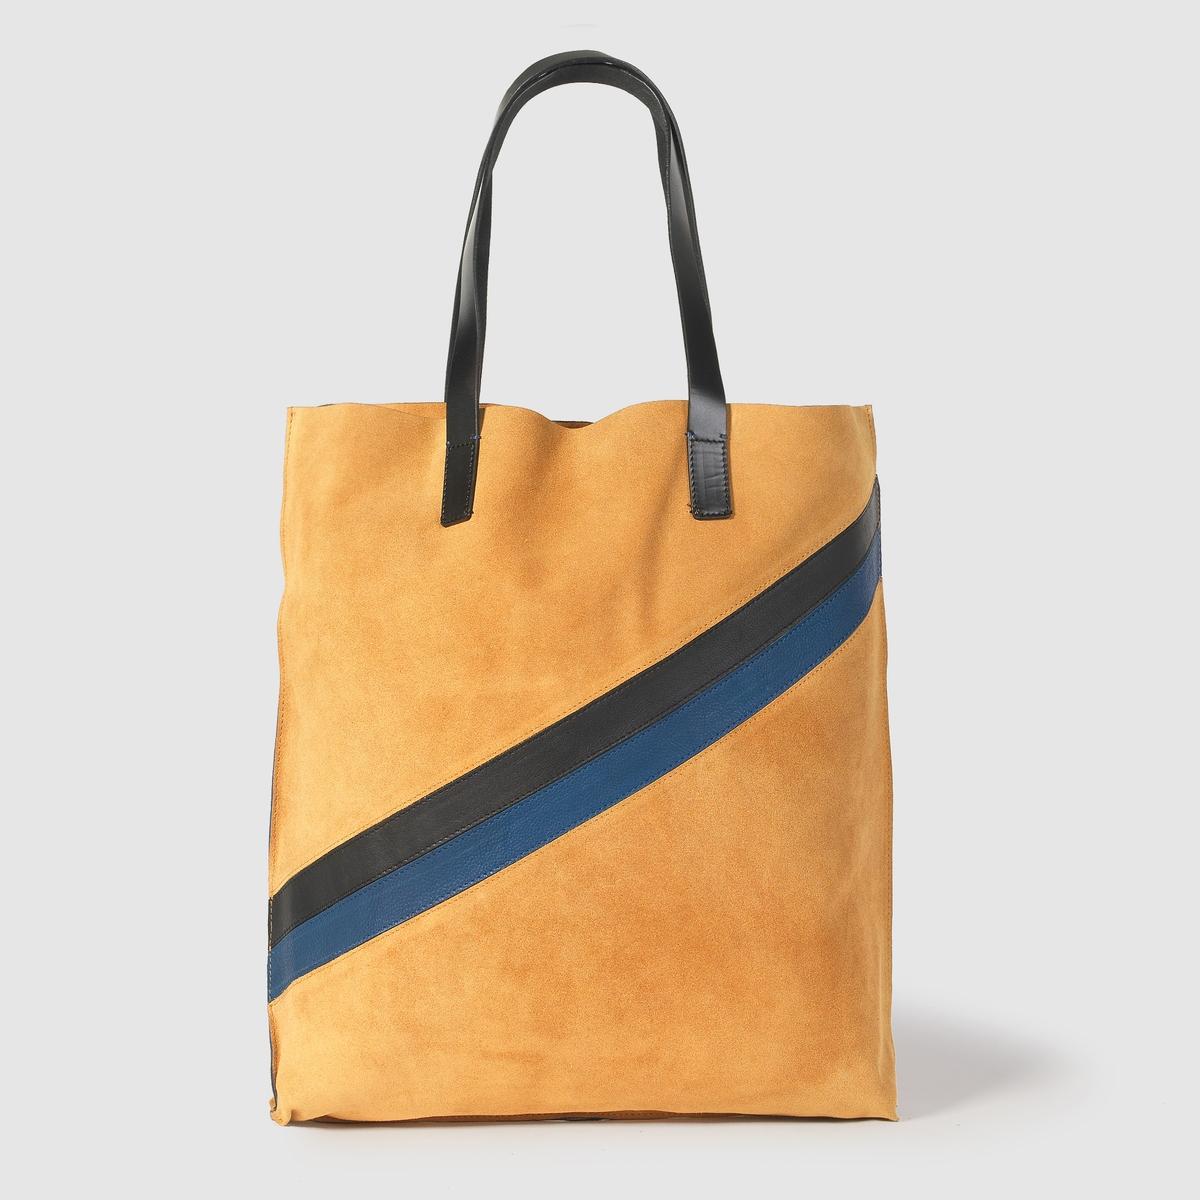 Сумка из невыделанной кожиОригинальная сумка из невыделанной кожи, R Essentiel.Идеальная сумка для роскошного шопинга! Состав и описаниеМатериал  верха: невыделанная кожа.                          Внутренний материал: без подкладки.Марка: R Essentiel.Размер: 36x41x5 см.Кожаные ручки.<br><br>Цвет: темно-бежевый<br>Размер: единый размер